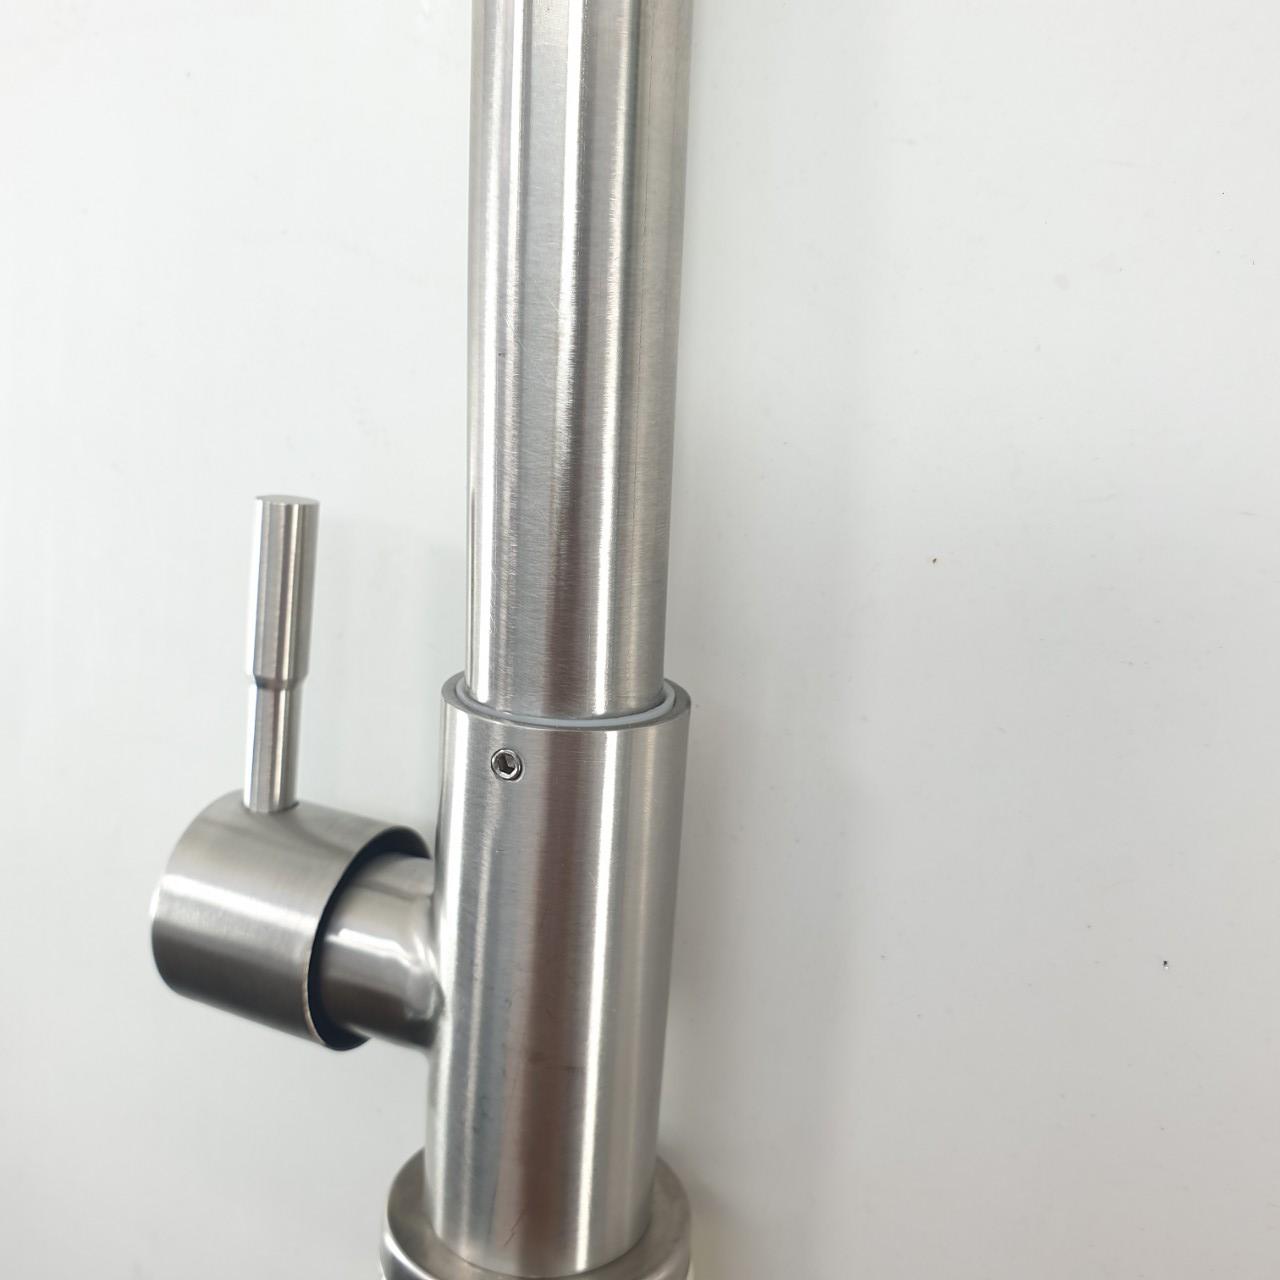 Vòi Rửa Chén Bát Lạnh phi 24mm inox SUS 304 HIẾU CHÂU A865, xước mờ ống cong lớn